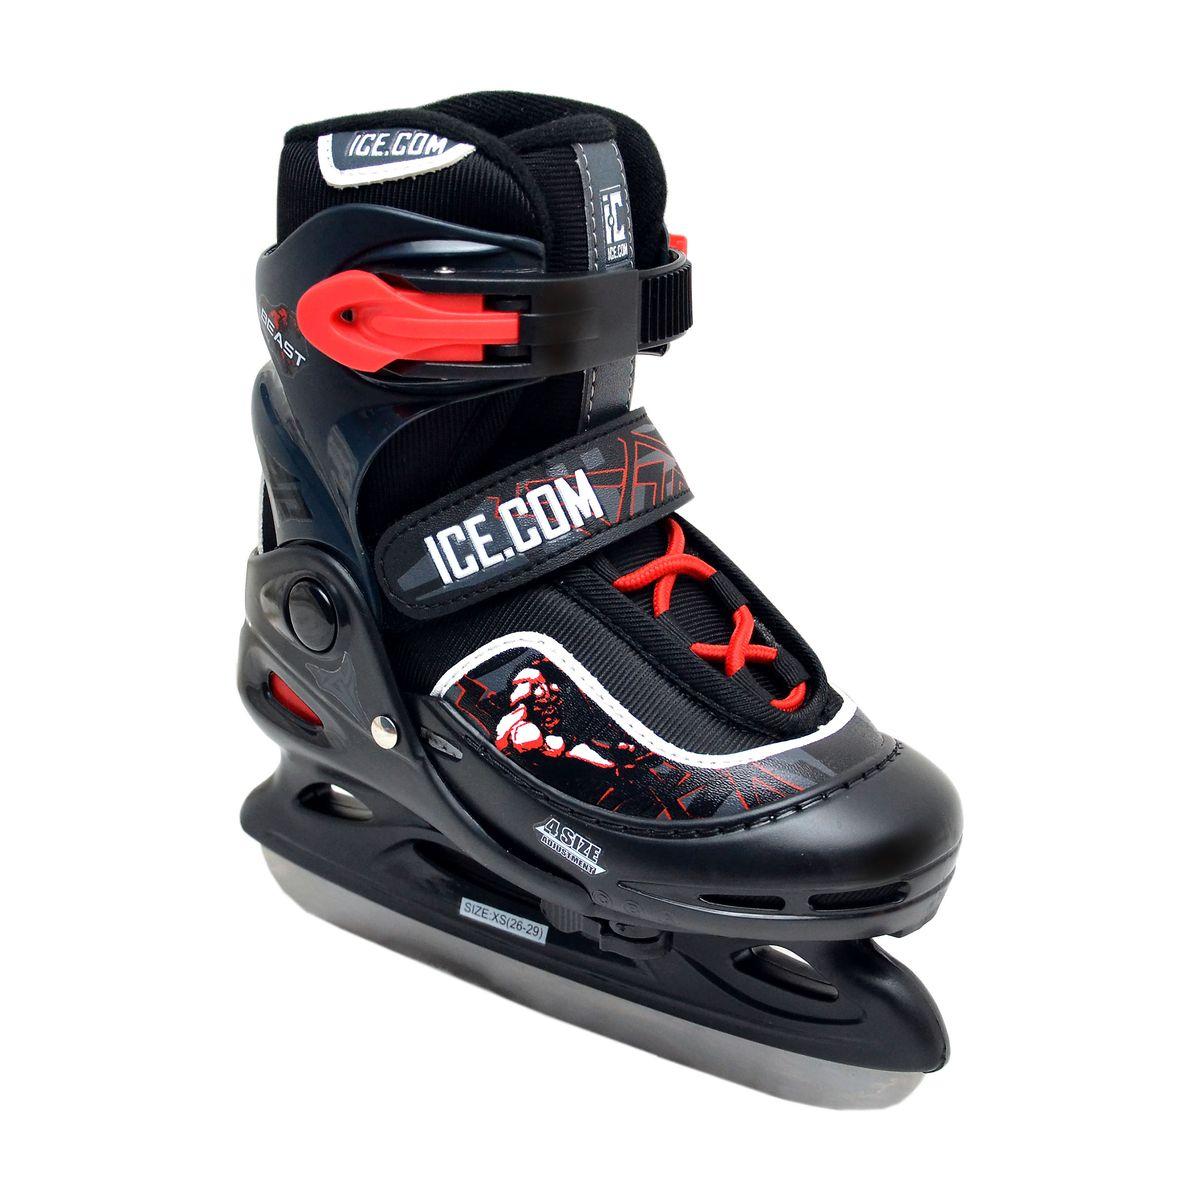 ICE.COM Коньки хоккейные для мальчика Beast, раздвижные